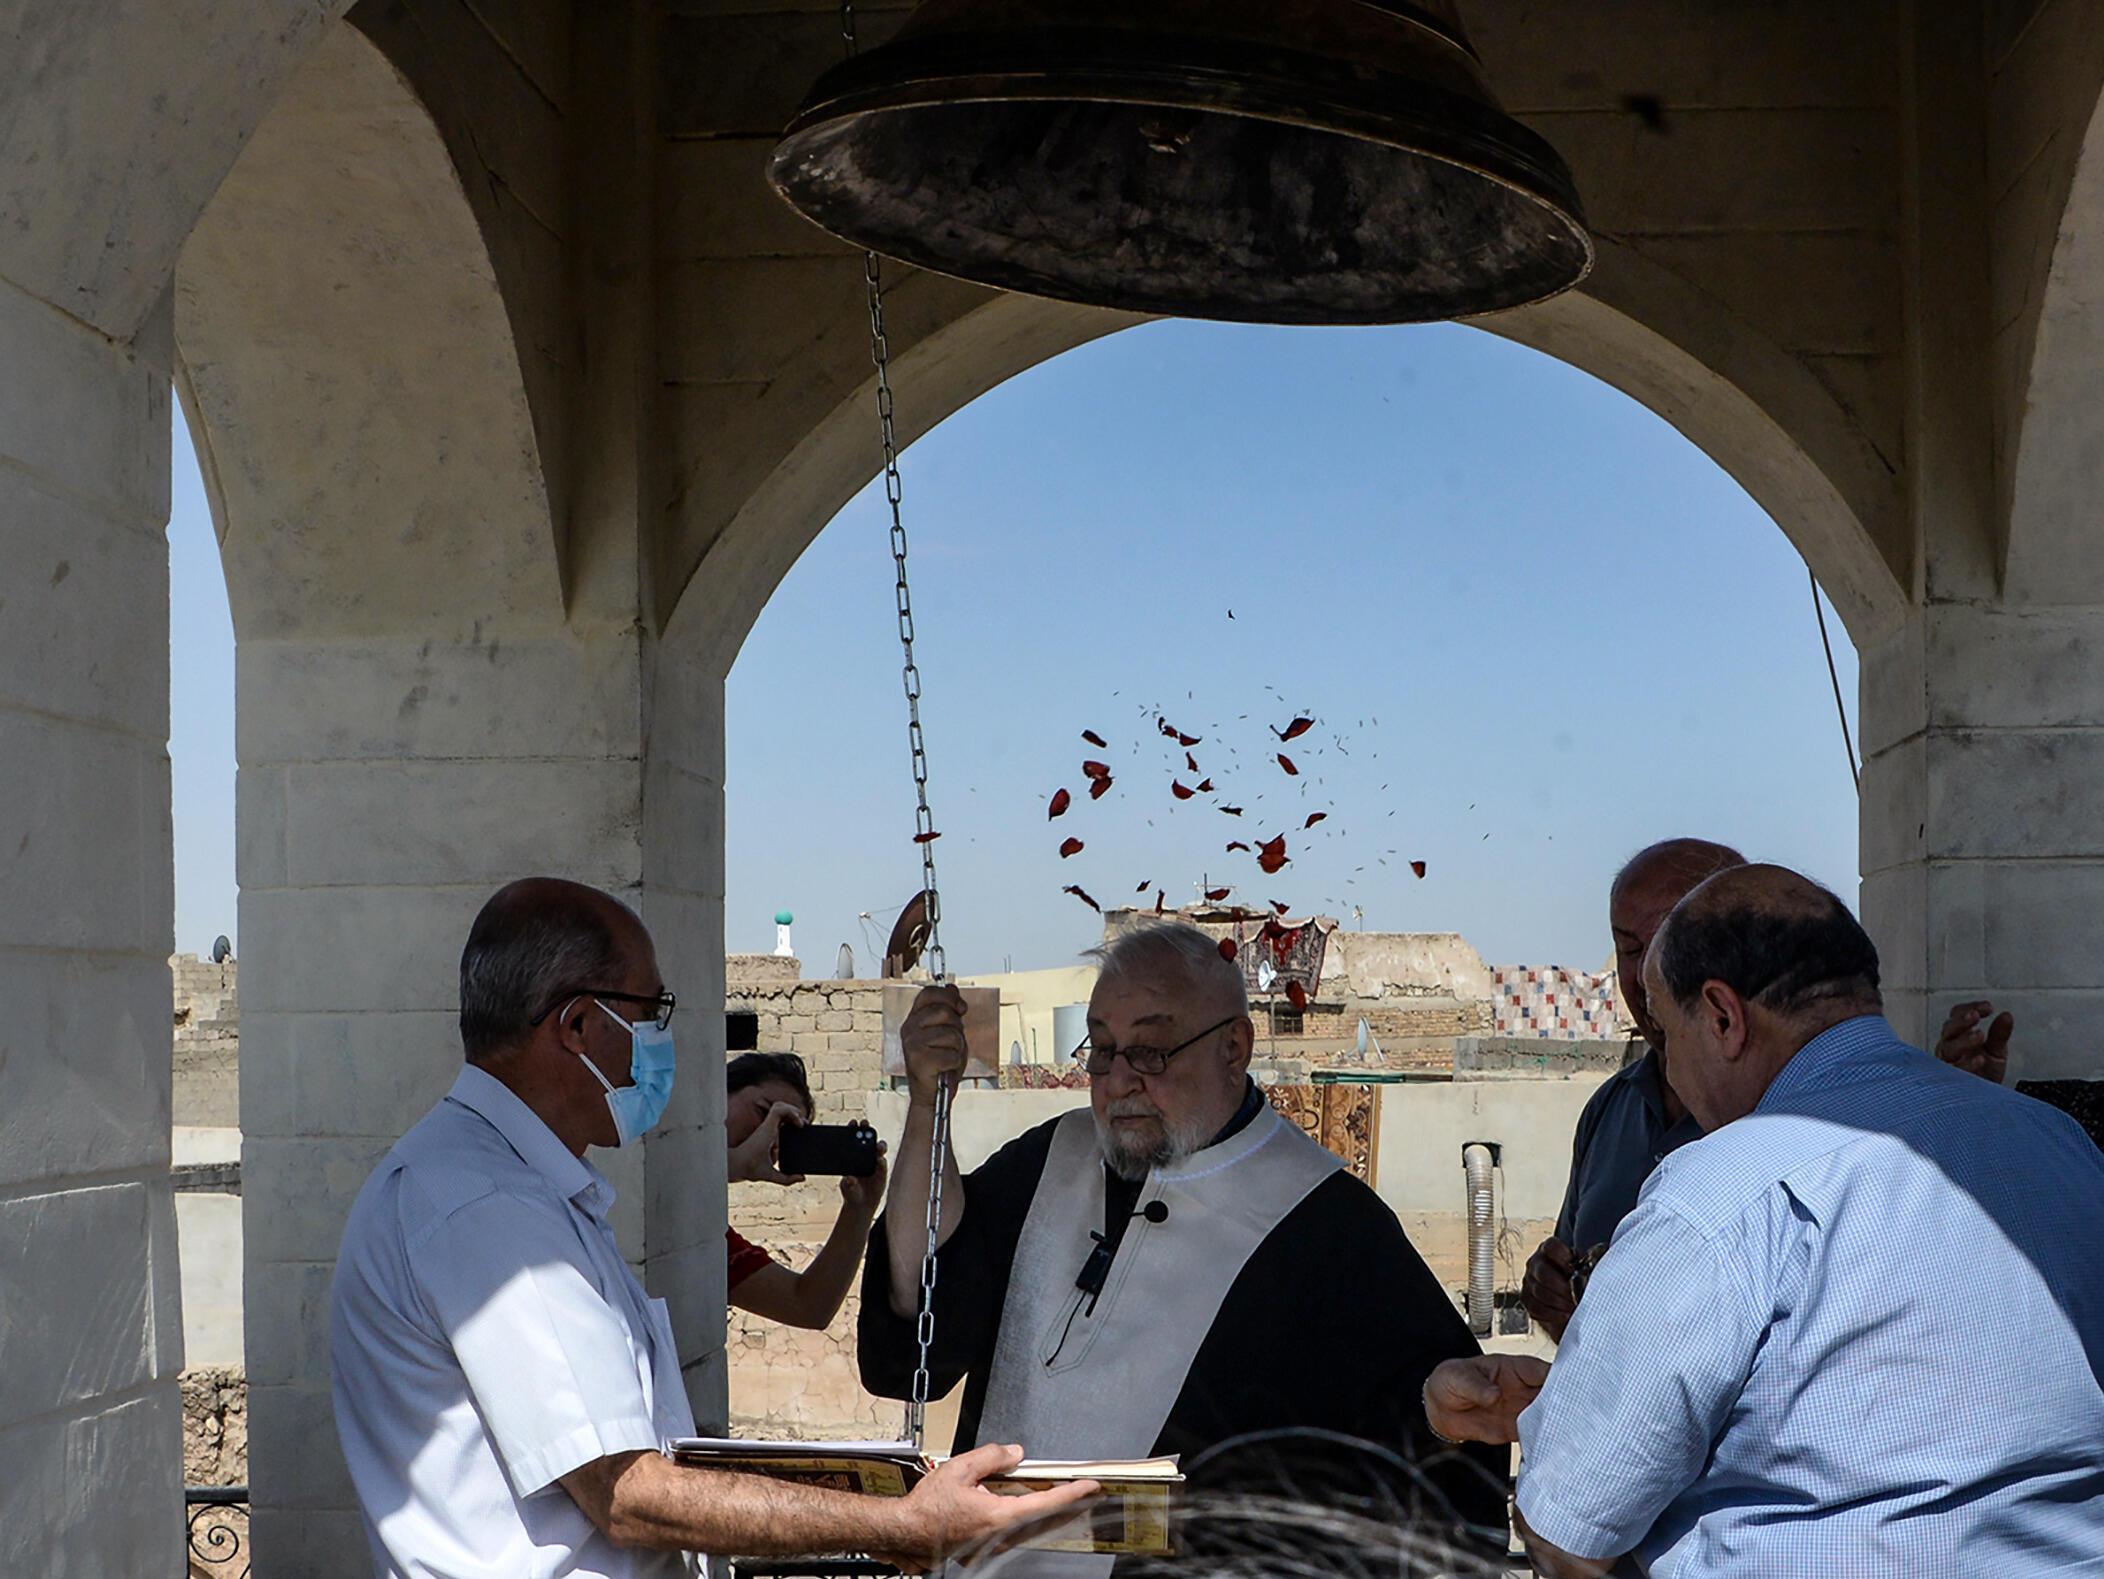 كاهن يقرع جرس كنيسة مار توما السريانية المسيحية في الموصل شمال العراق في 18 أيلول/سبتمبر 2021